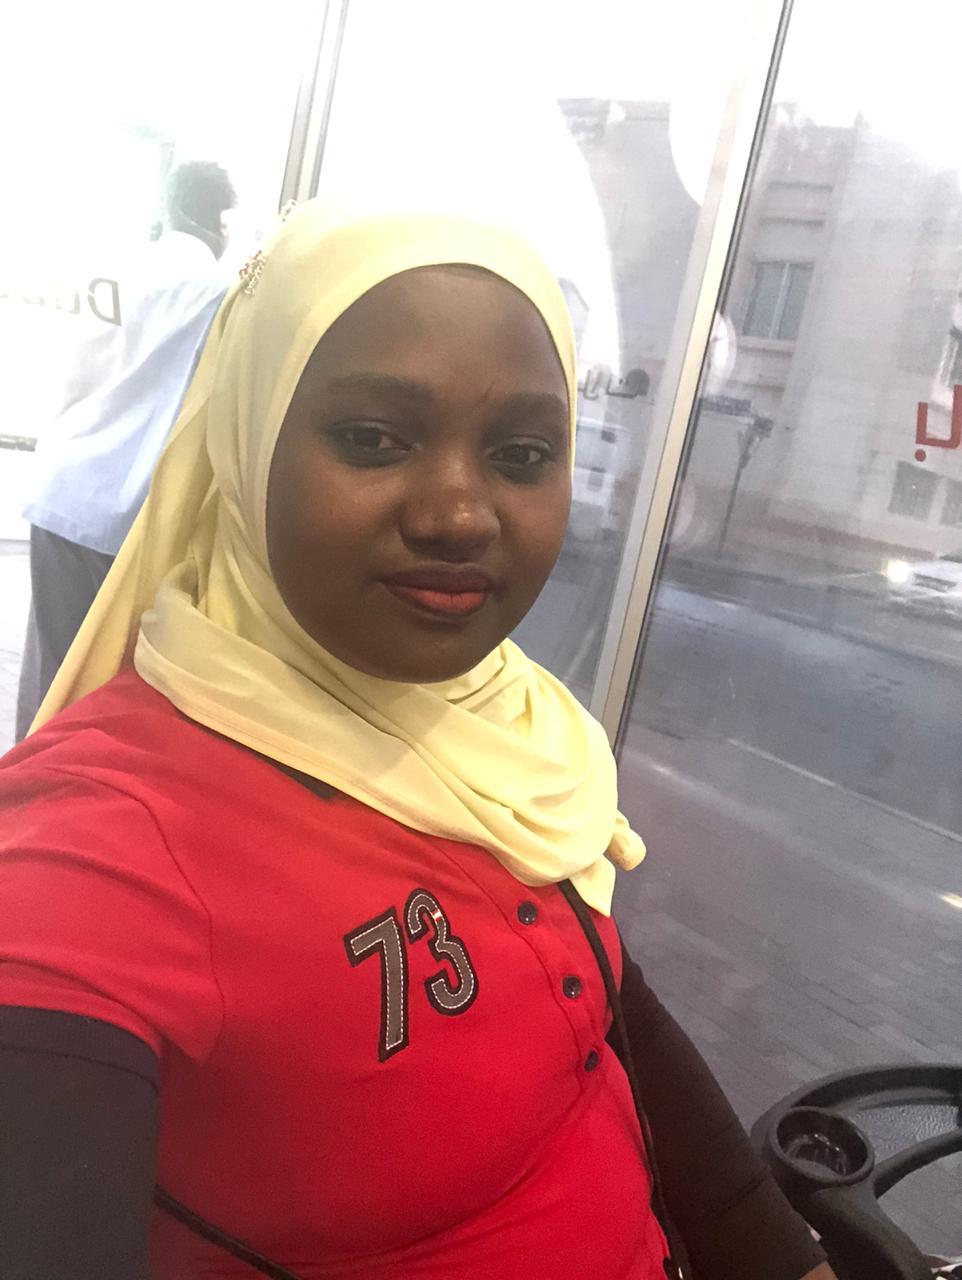 Mubiru Rehum Yusuf_IM_2020020409464695.jpeg